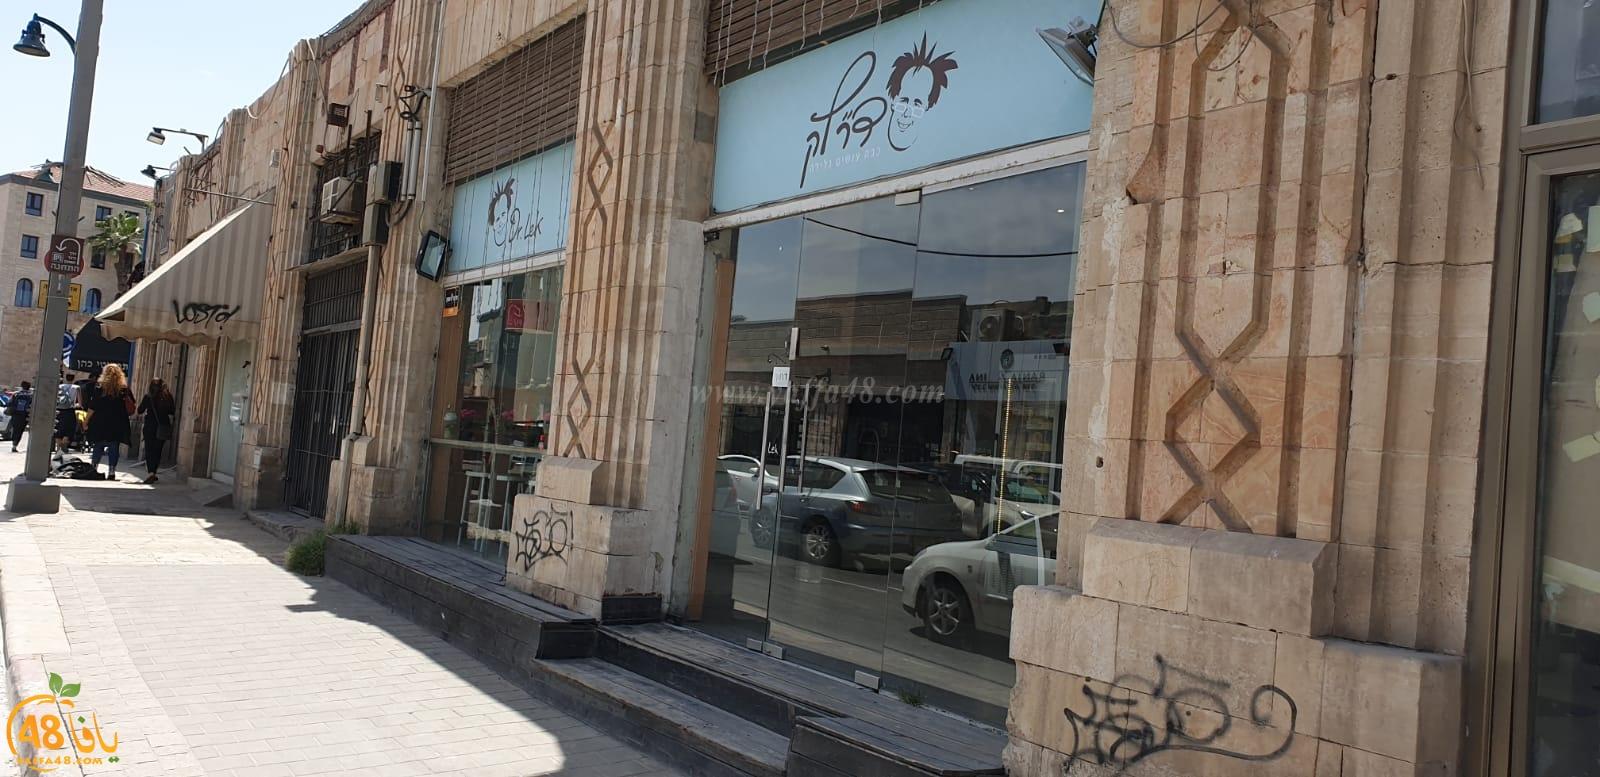 بإدارة جديدة محلية افتتاح بوظة دكتور لك بإدارة سمير بدرة في يافا